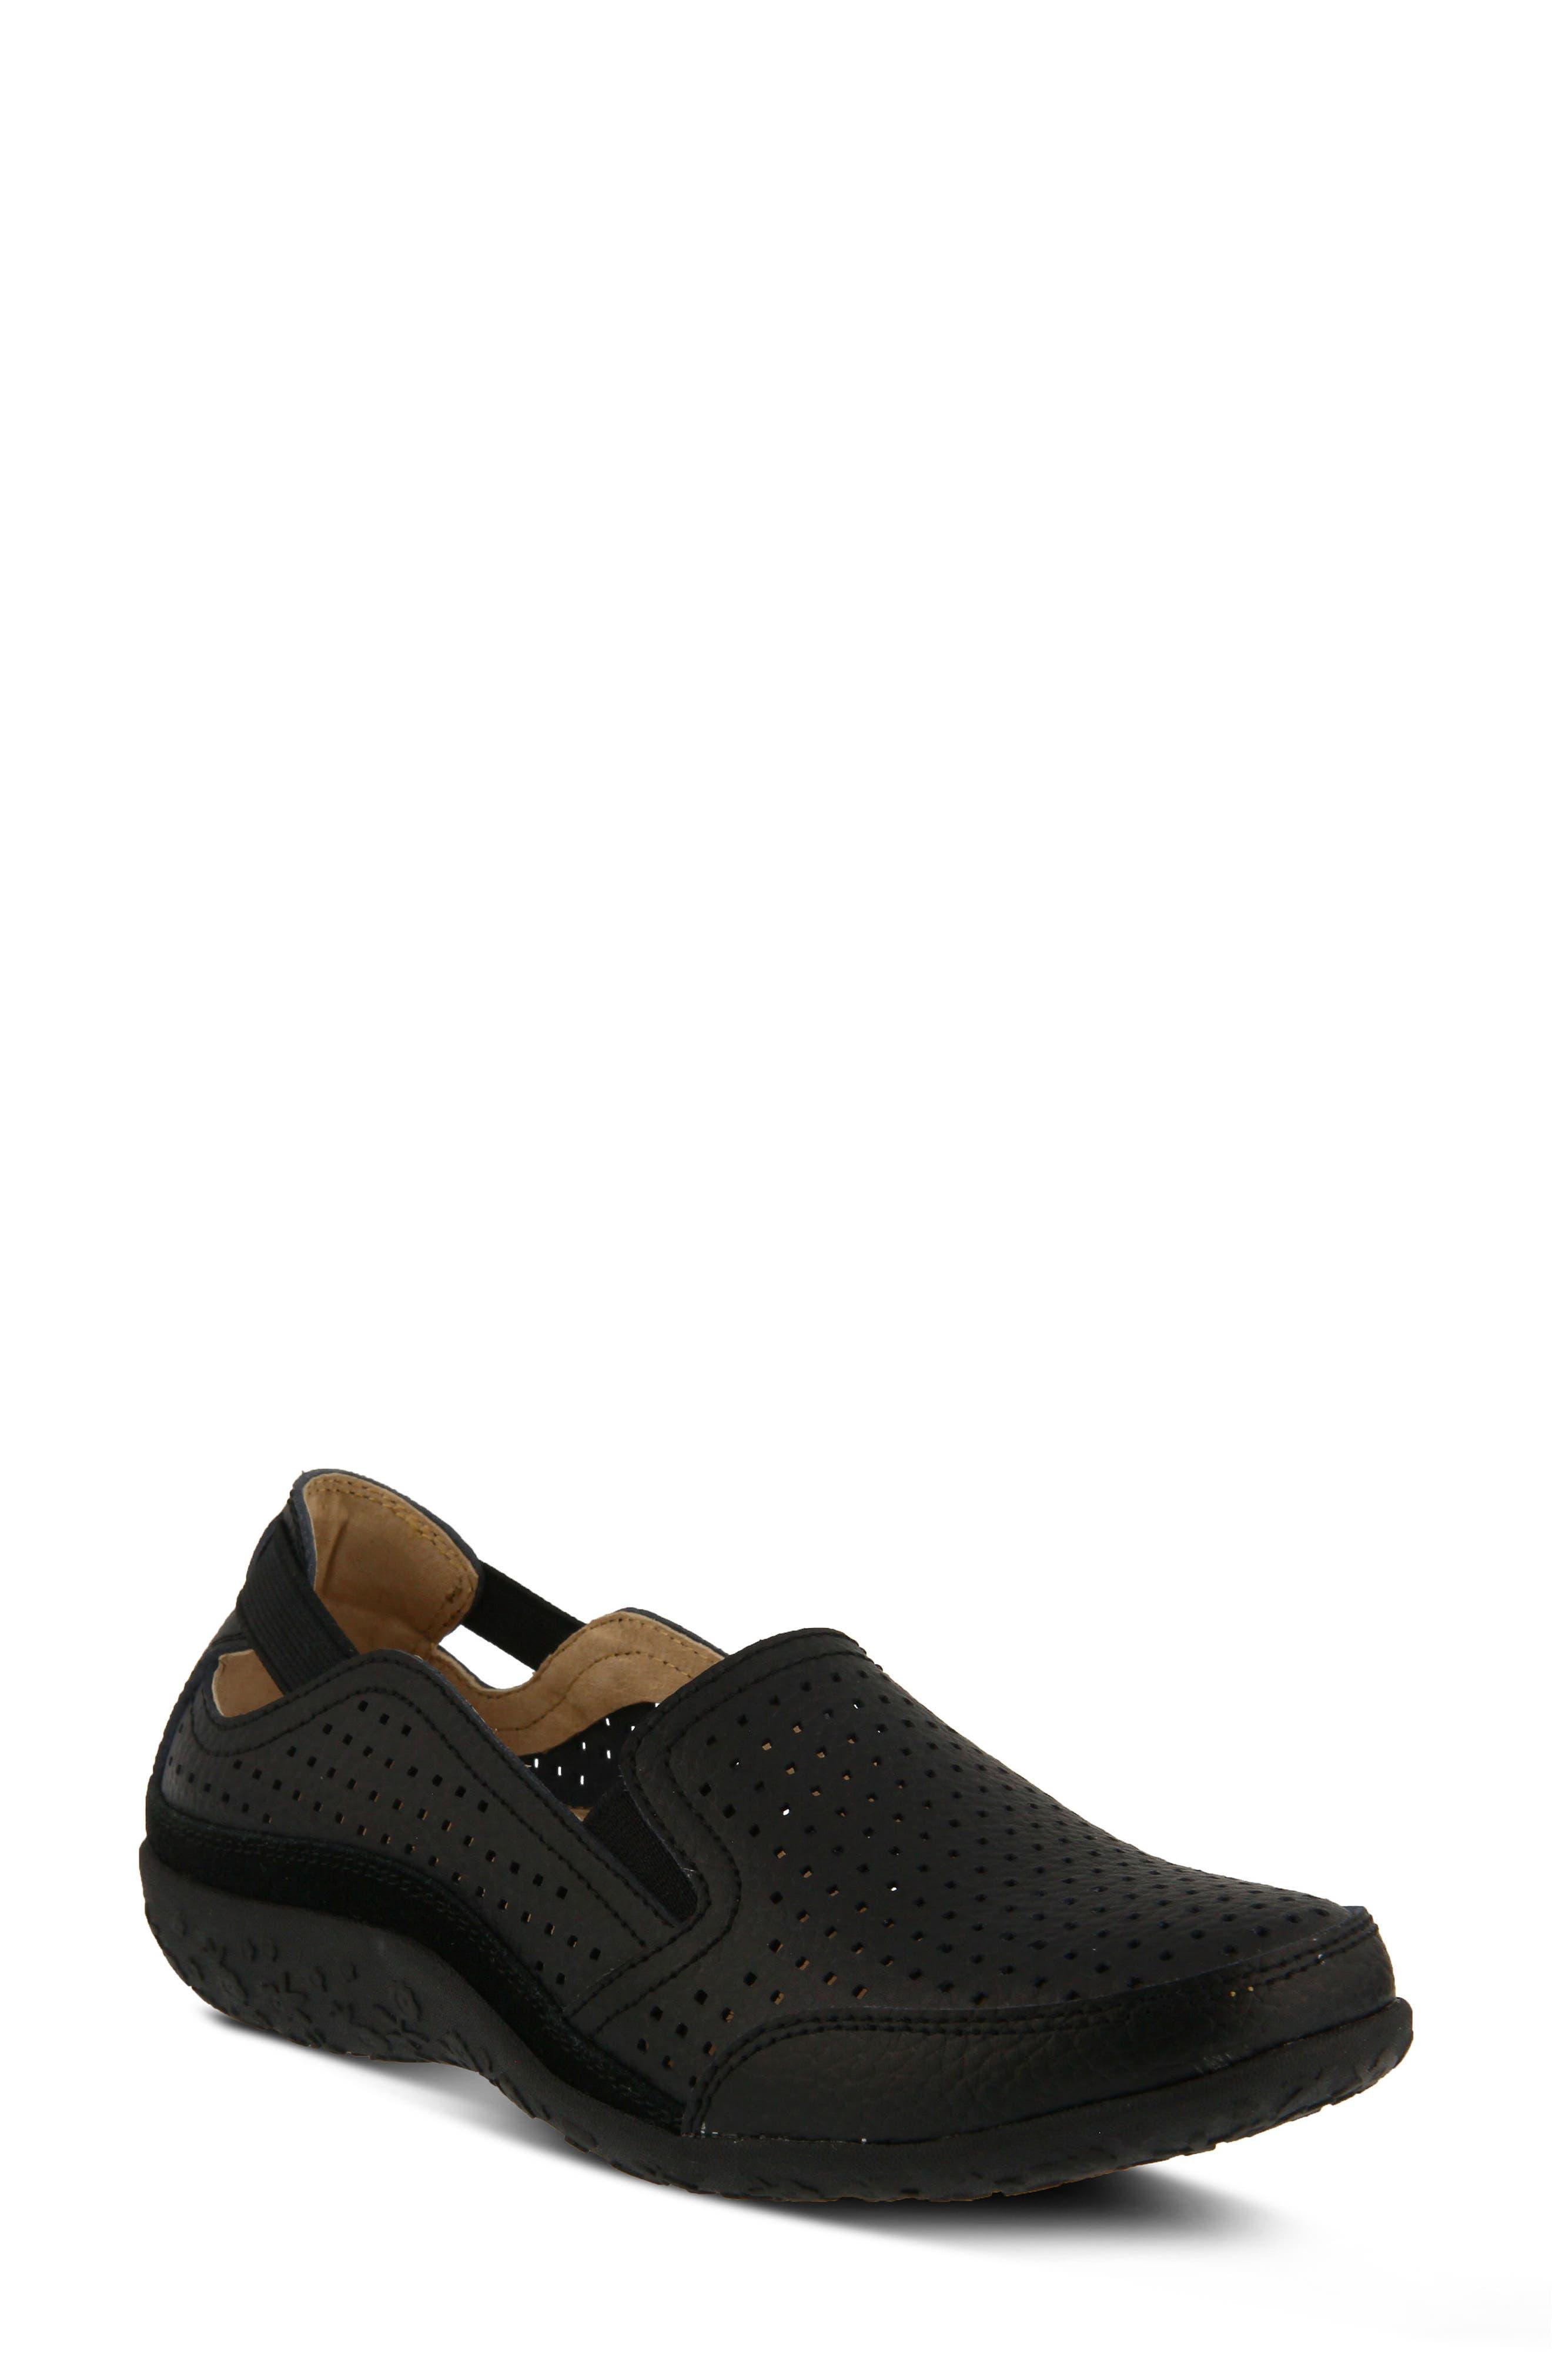 Spring Step Juhi Loafer, Black